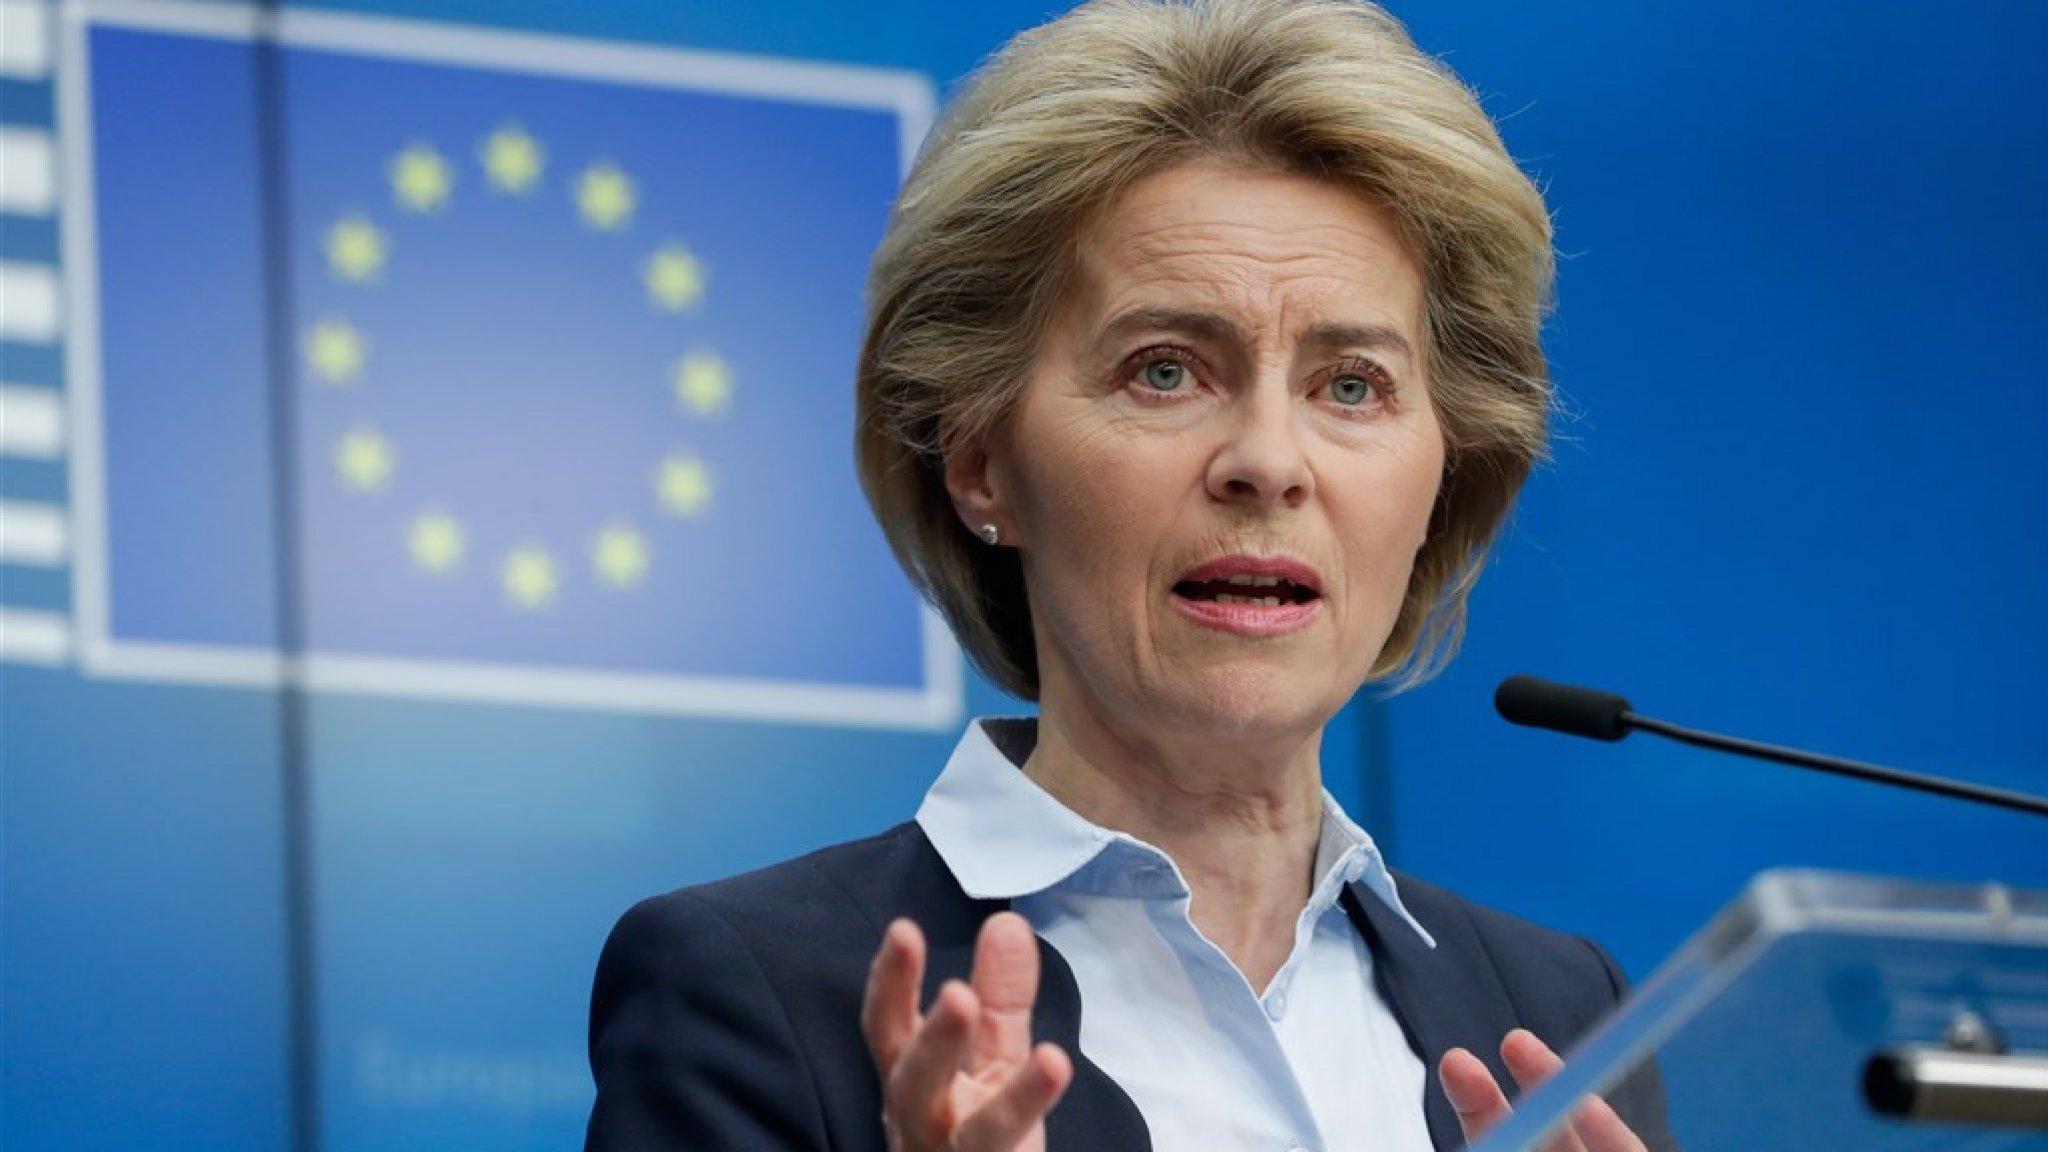 De facto no more visa-free travel for Ukrainians